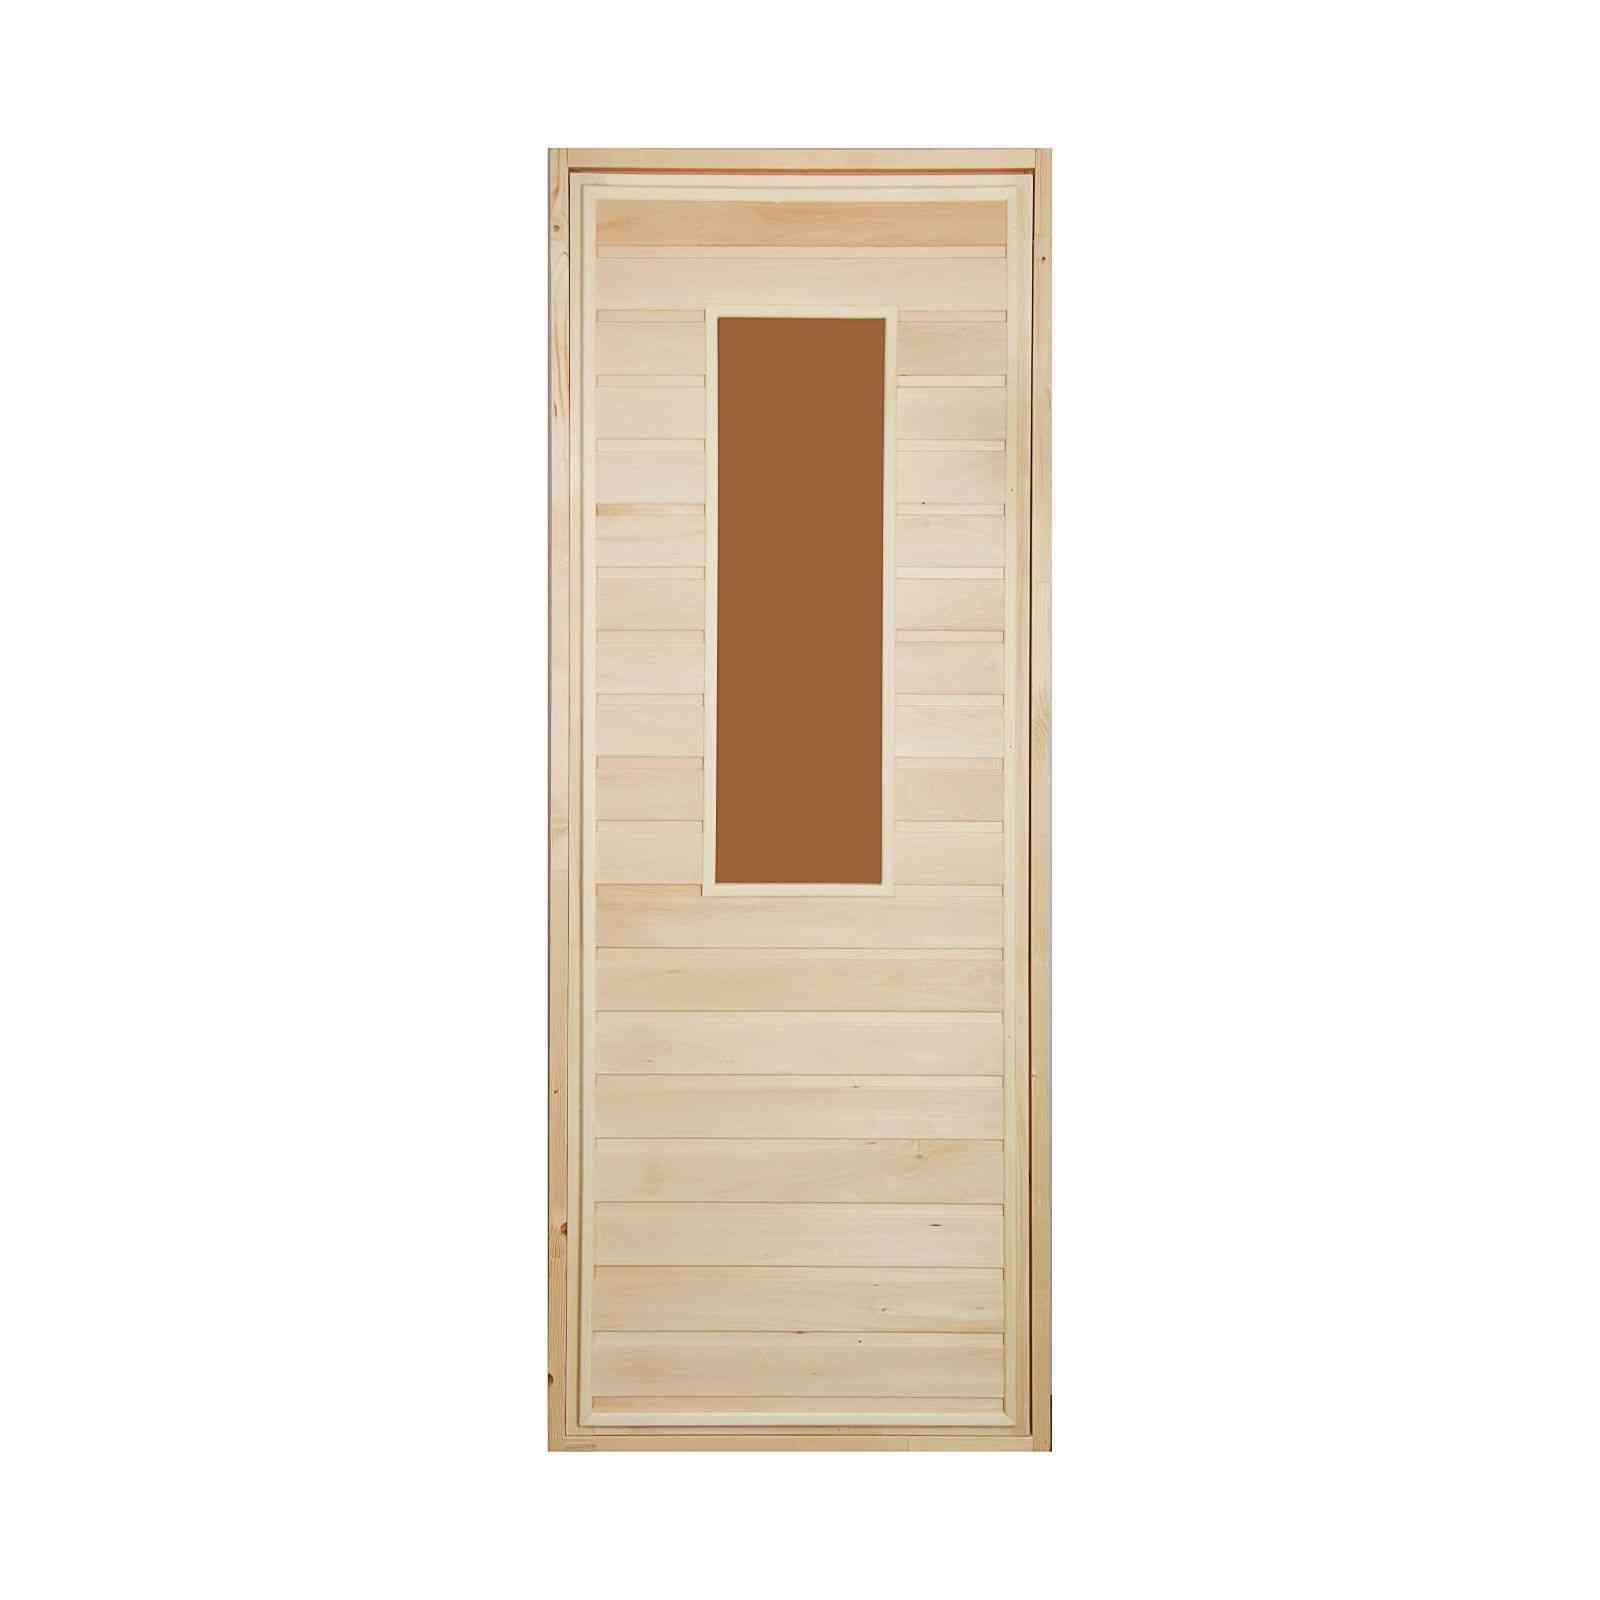 Изготовление двери из липы своими руками: мастер-класс